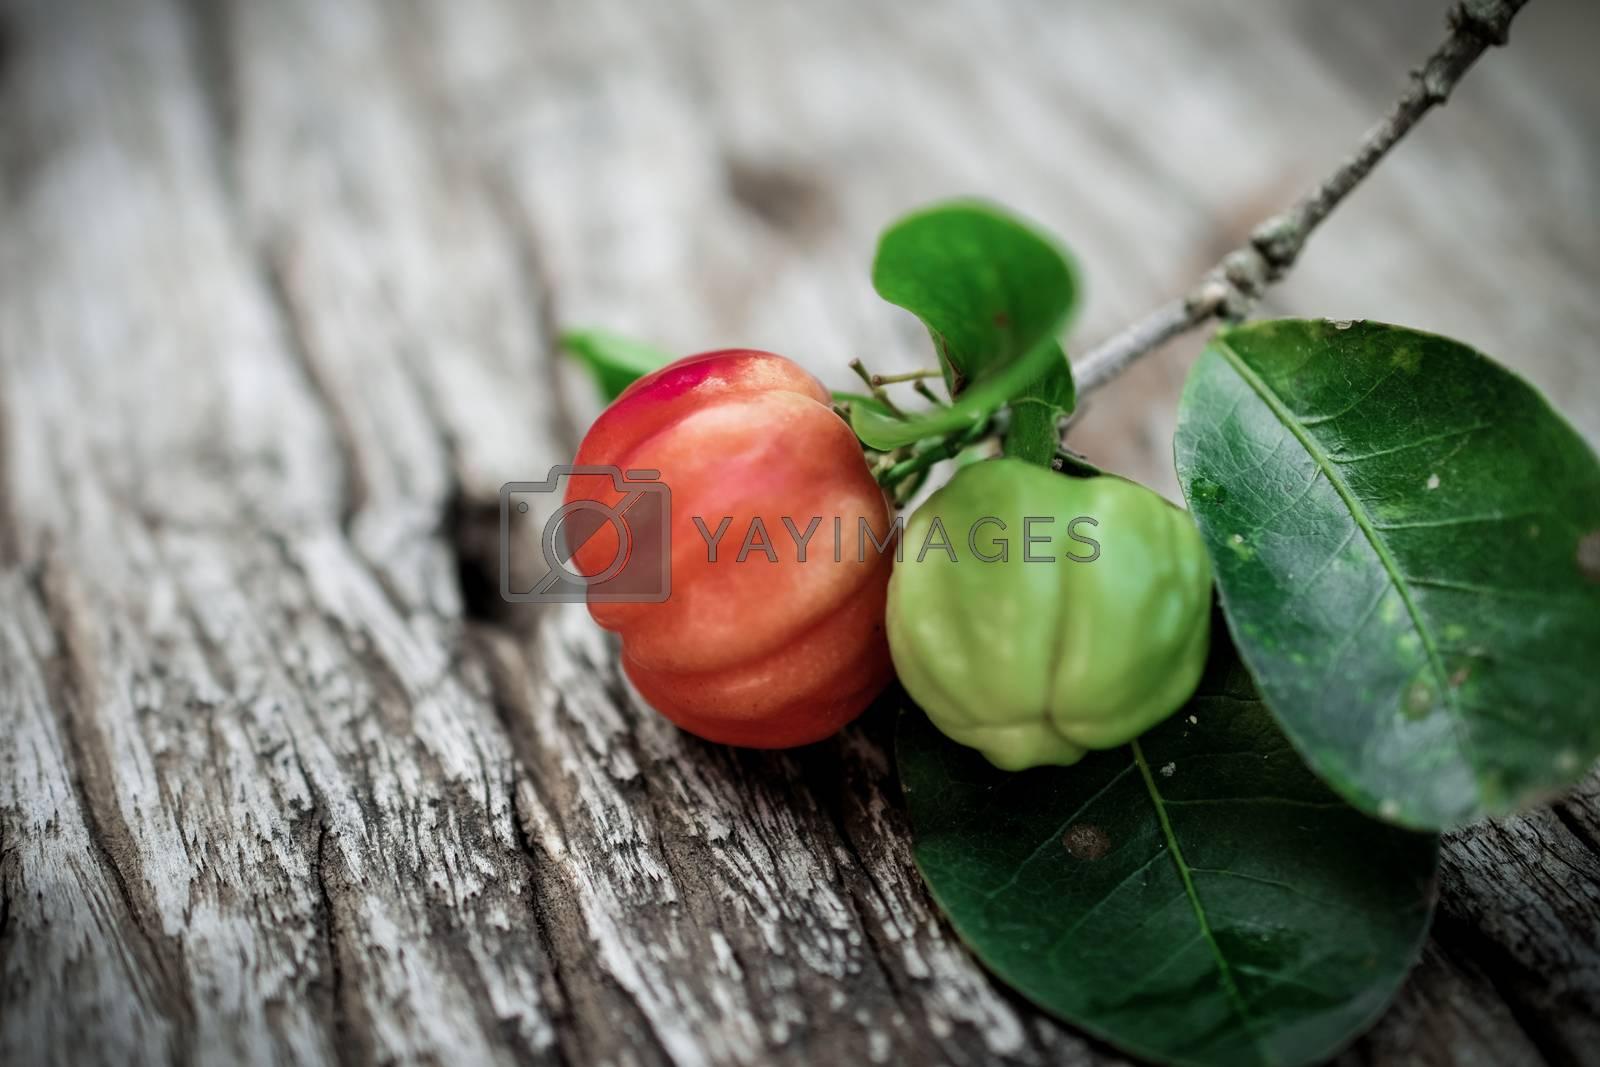 Acerola fruit on wood background